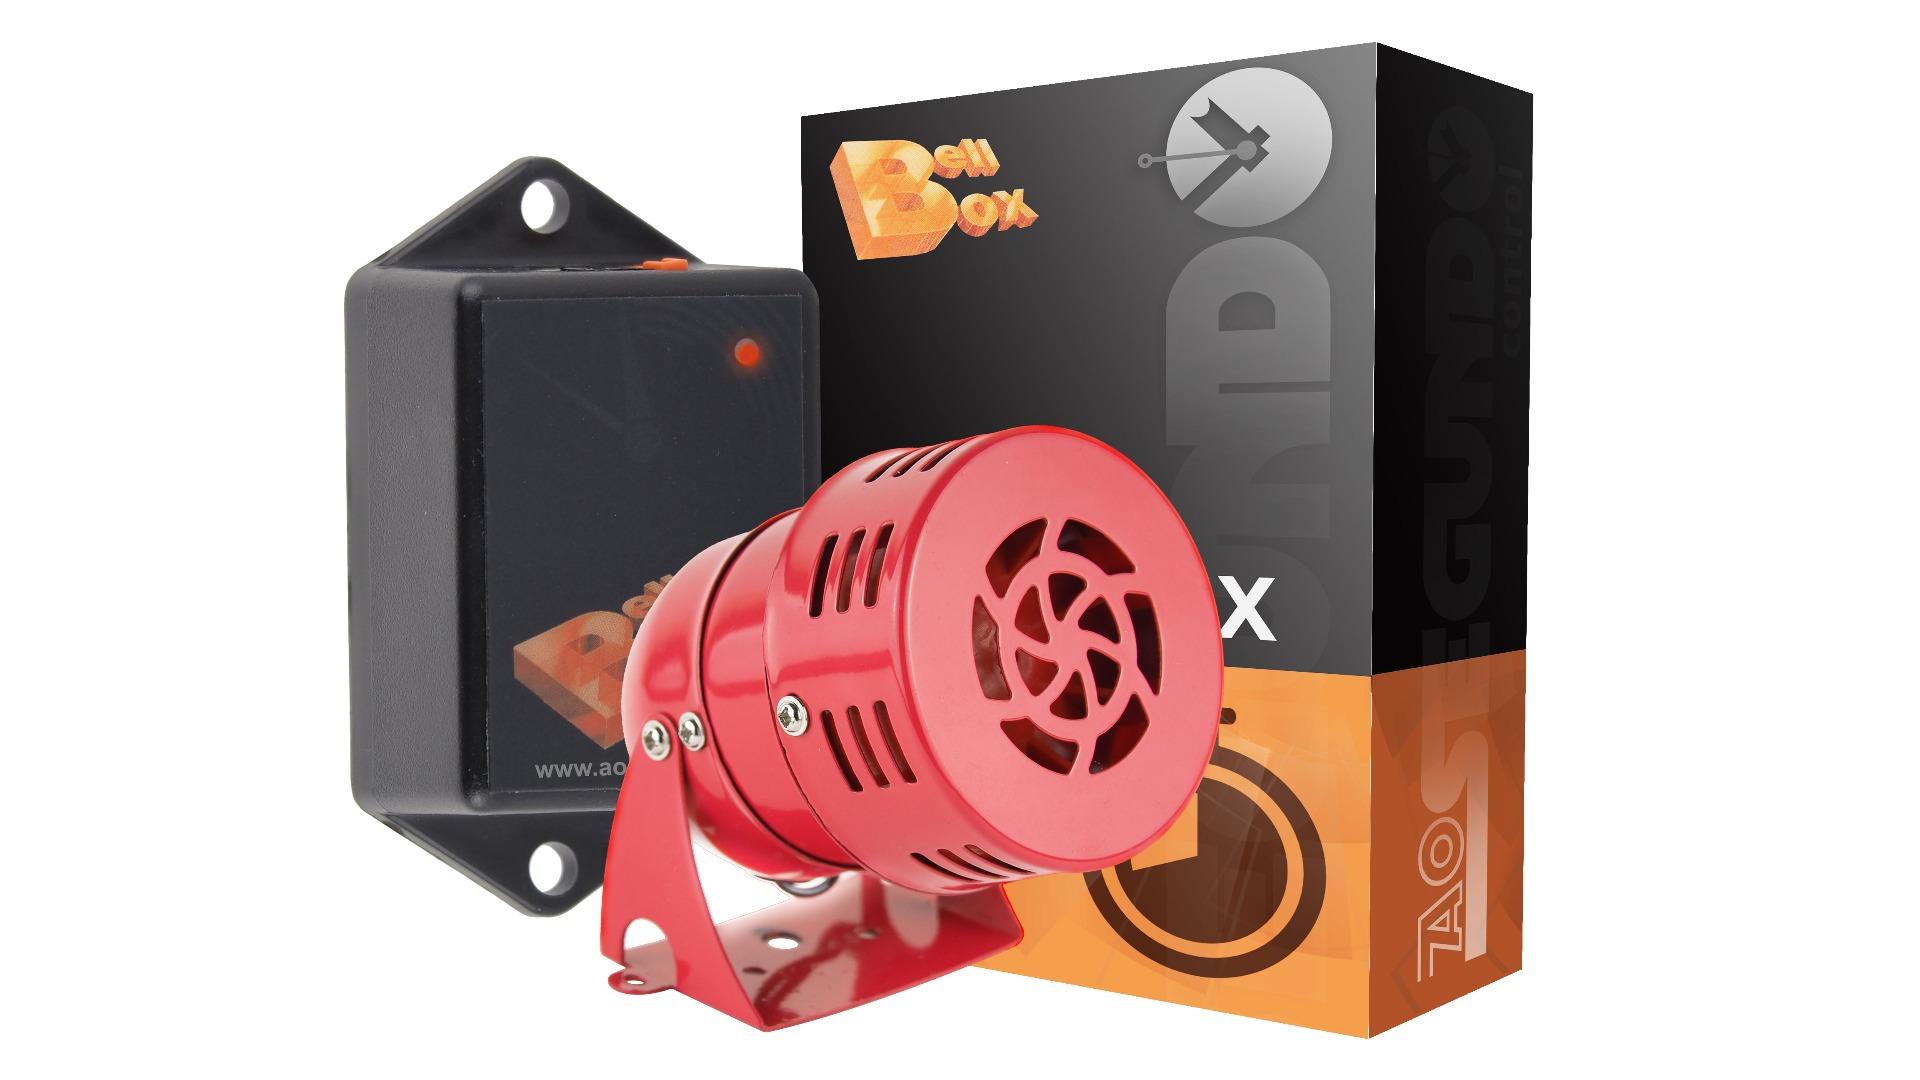 Pack Bell Box + Sirene + Software